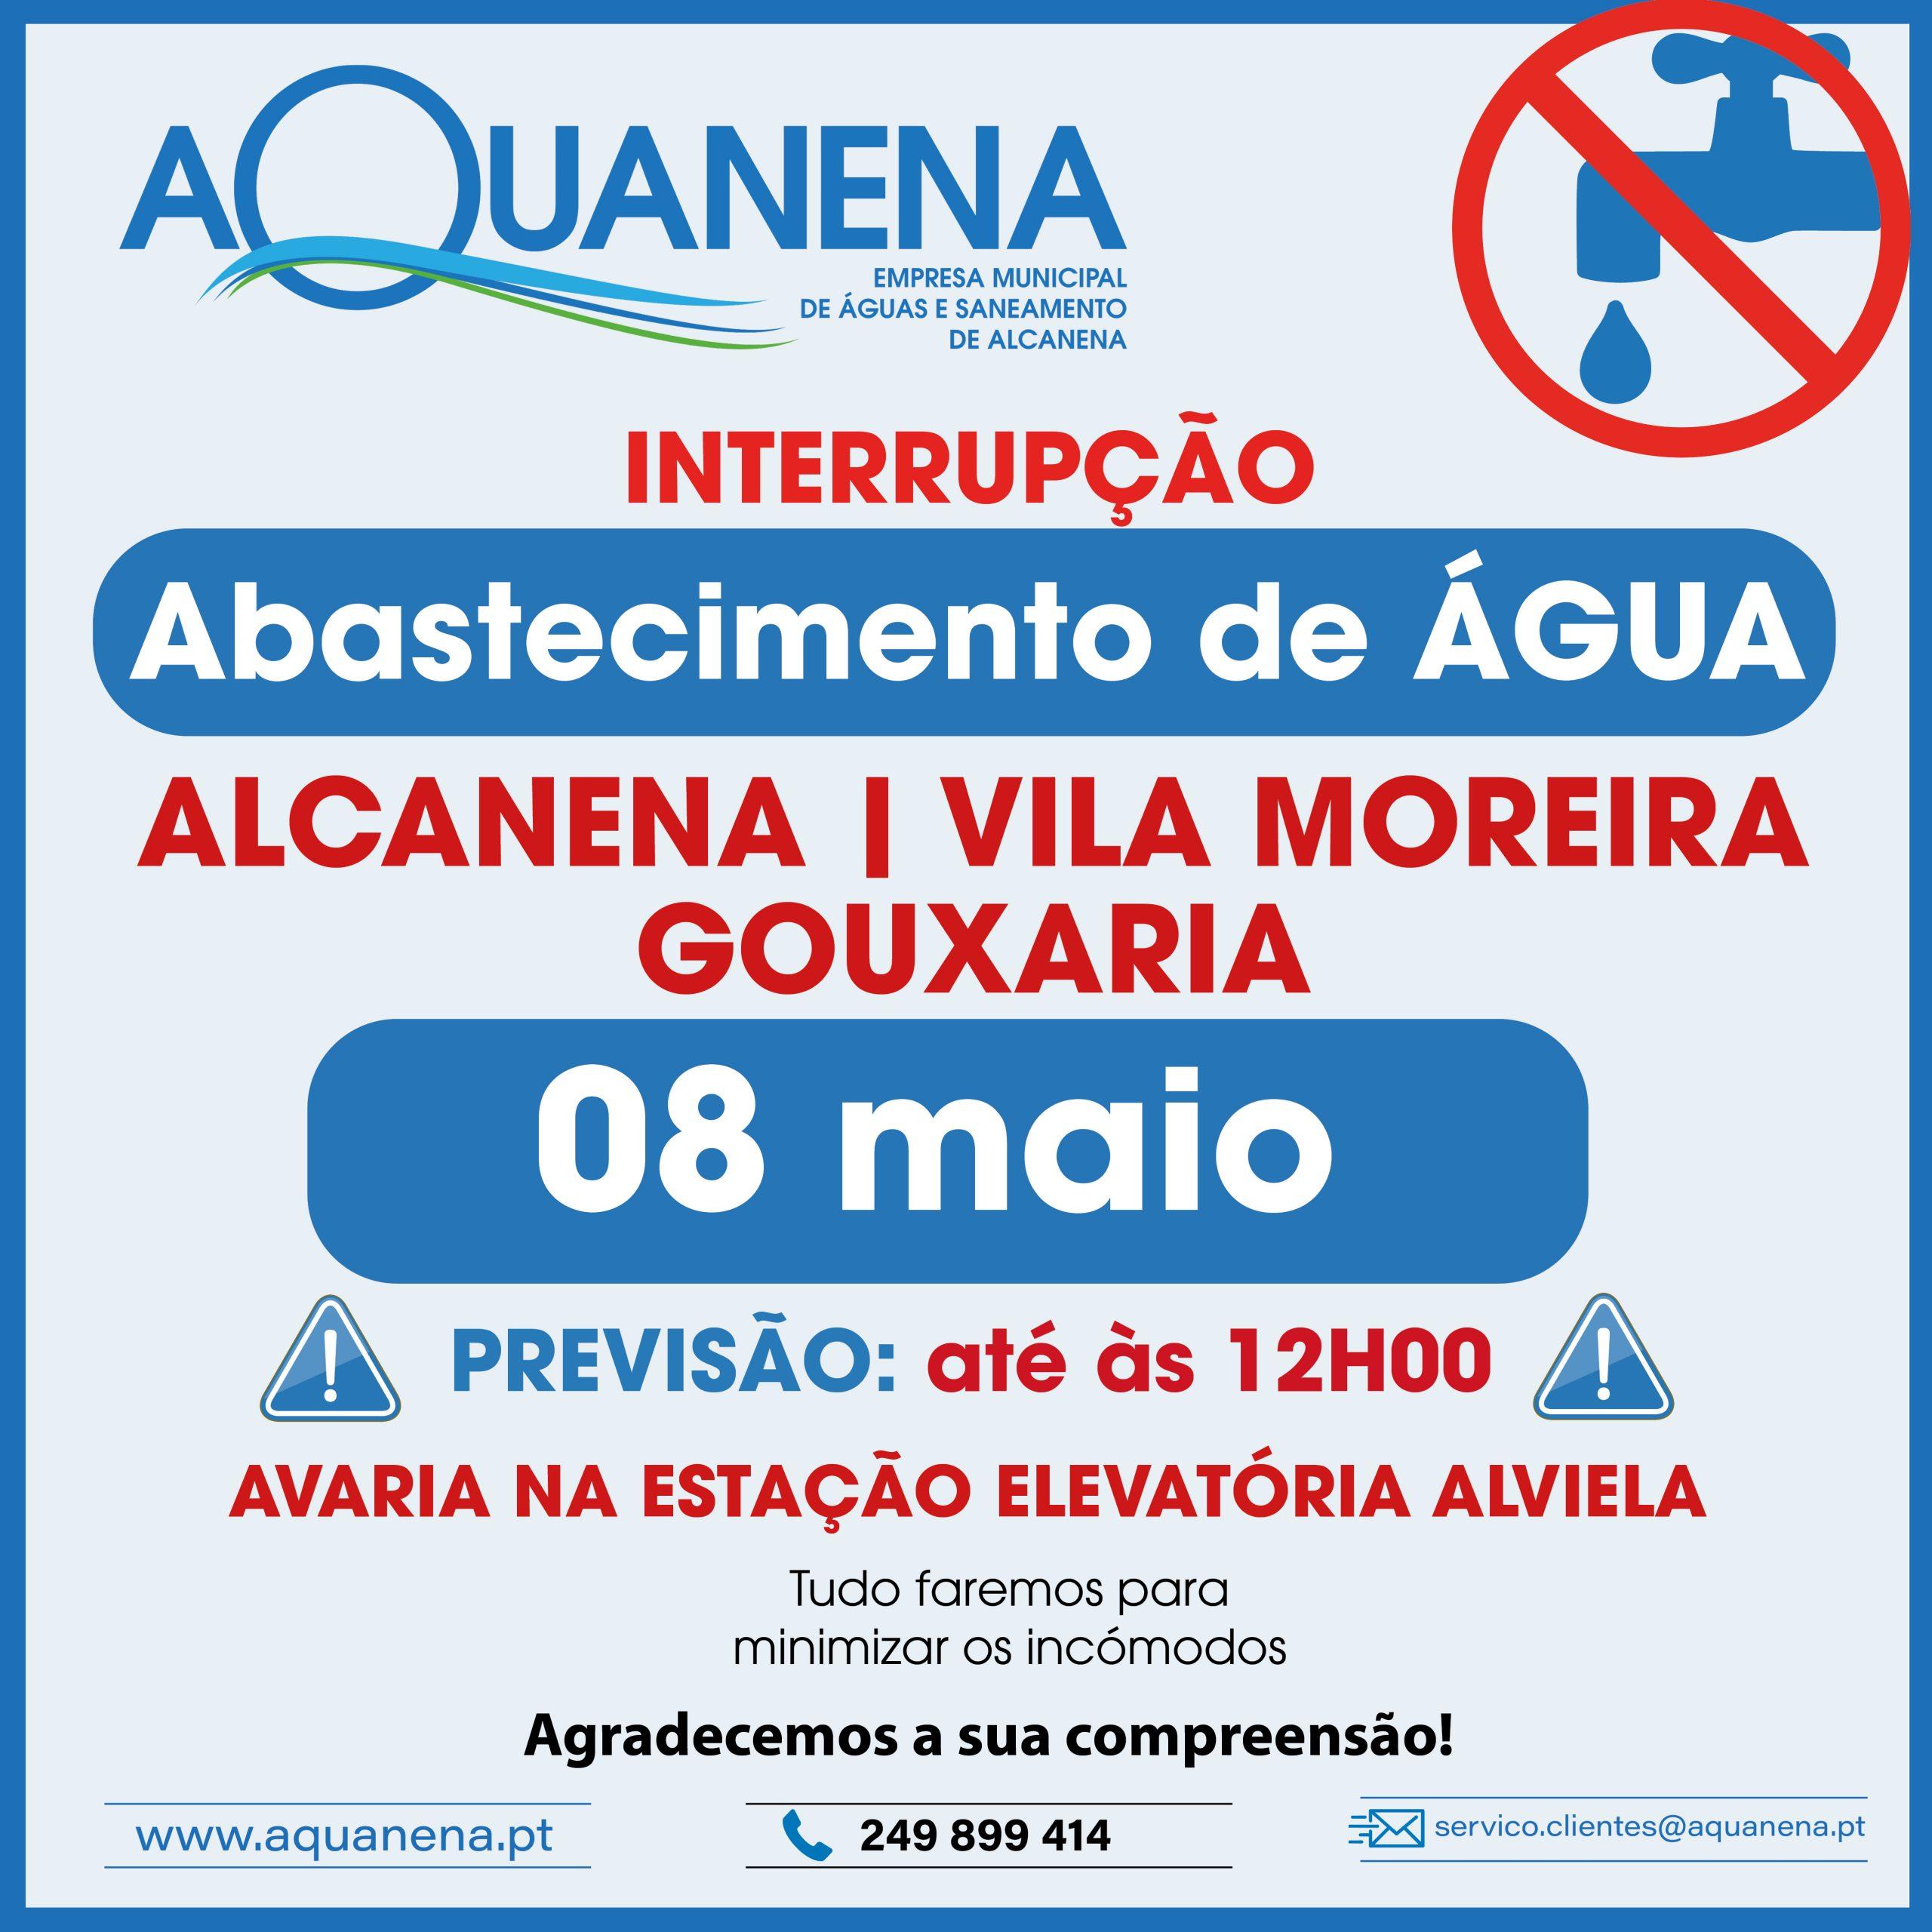 INTERRUPÇÃO de abastecimento de água em ALCANENA | GOUXARIA | VILA MOREIRA